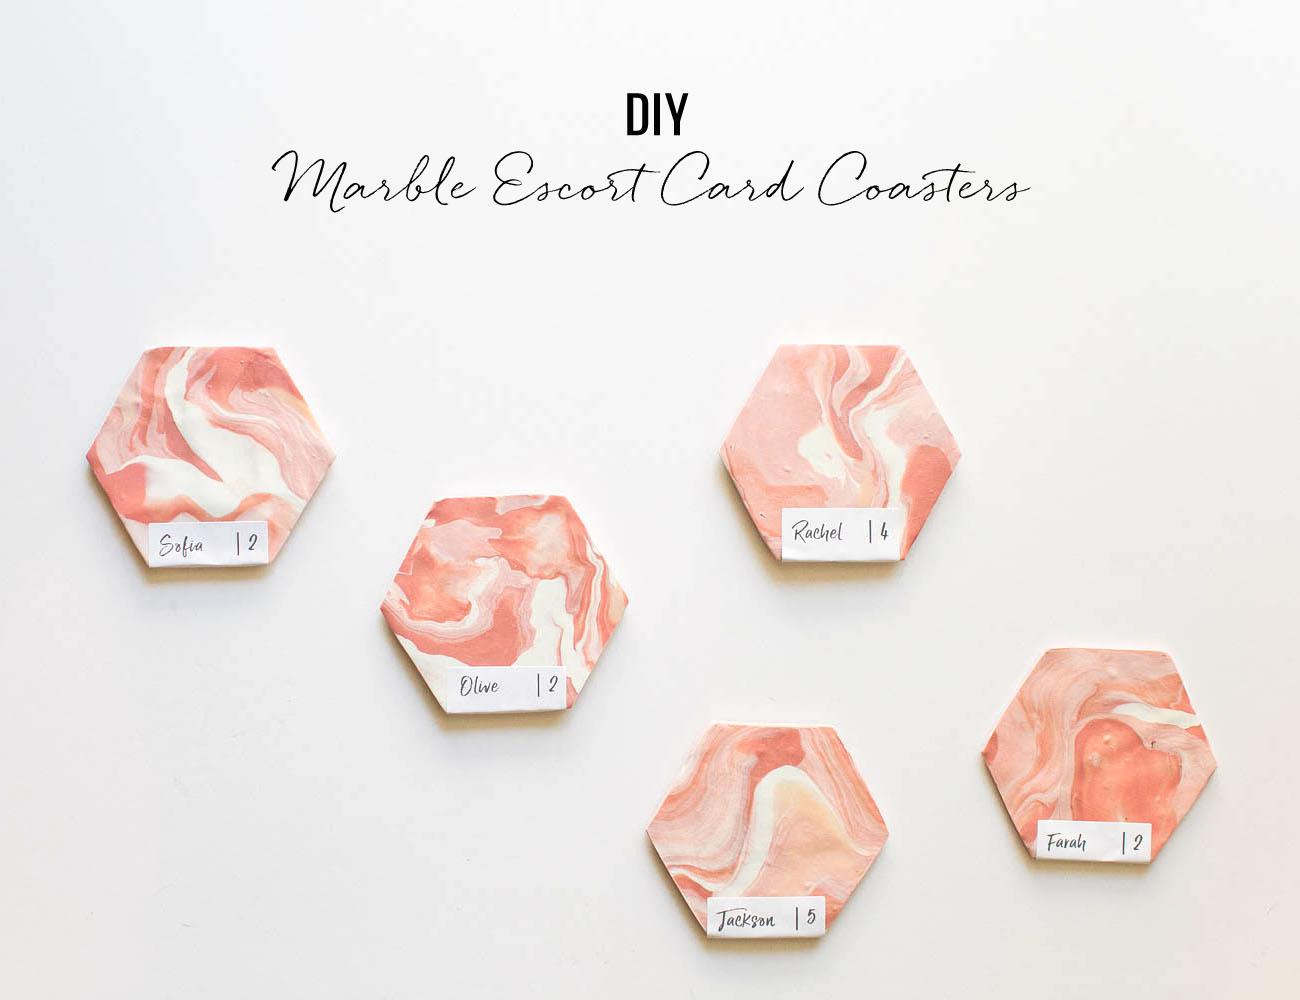 DIY Marble Escort Card Coasters